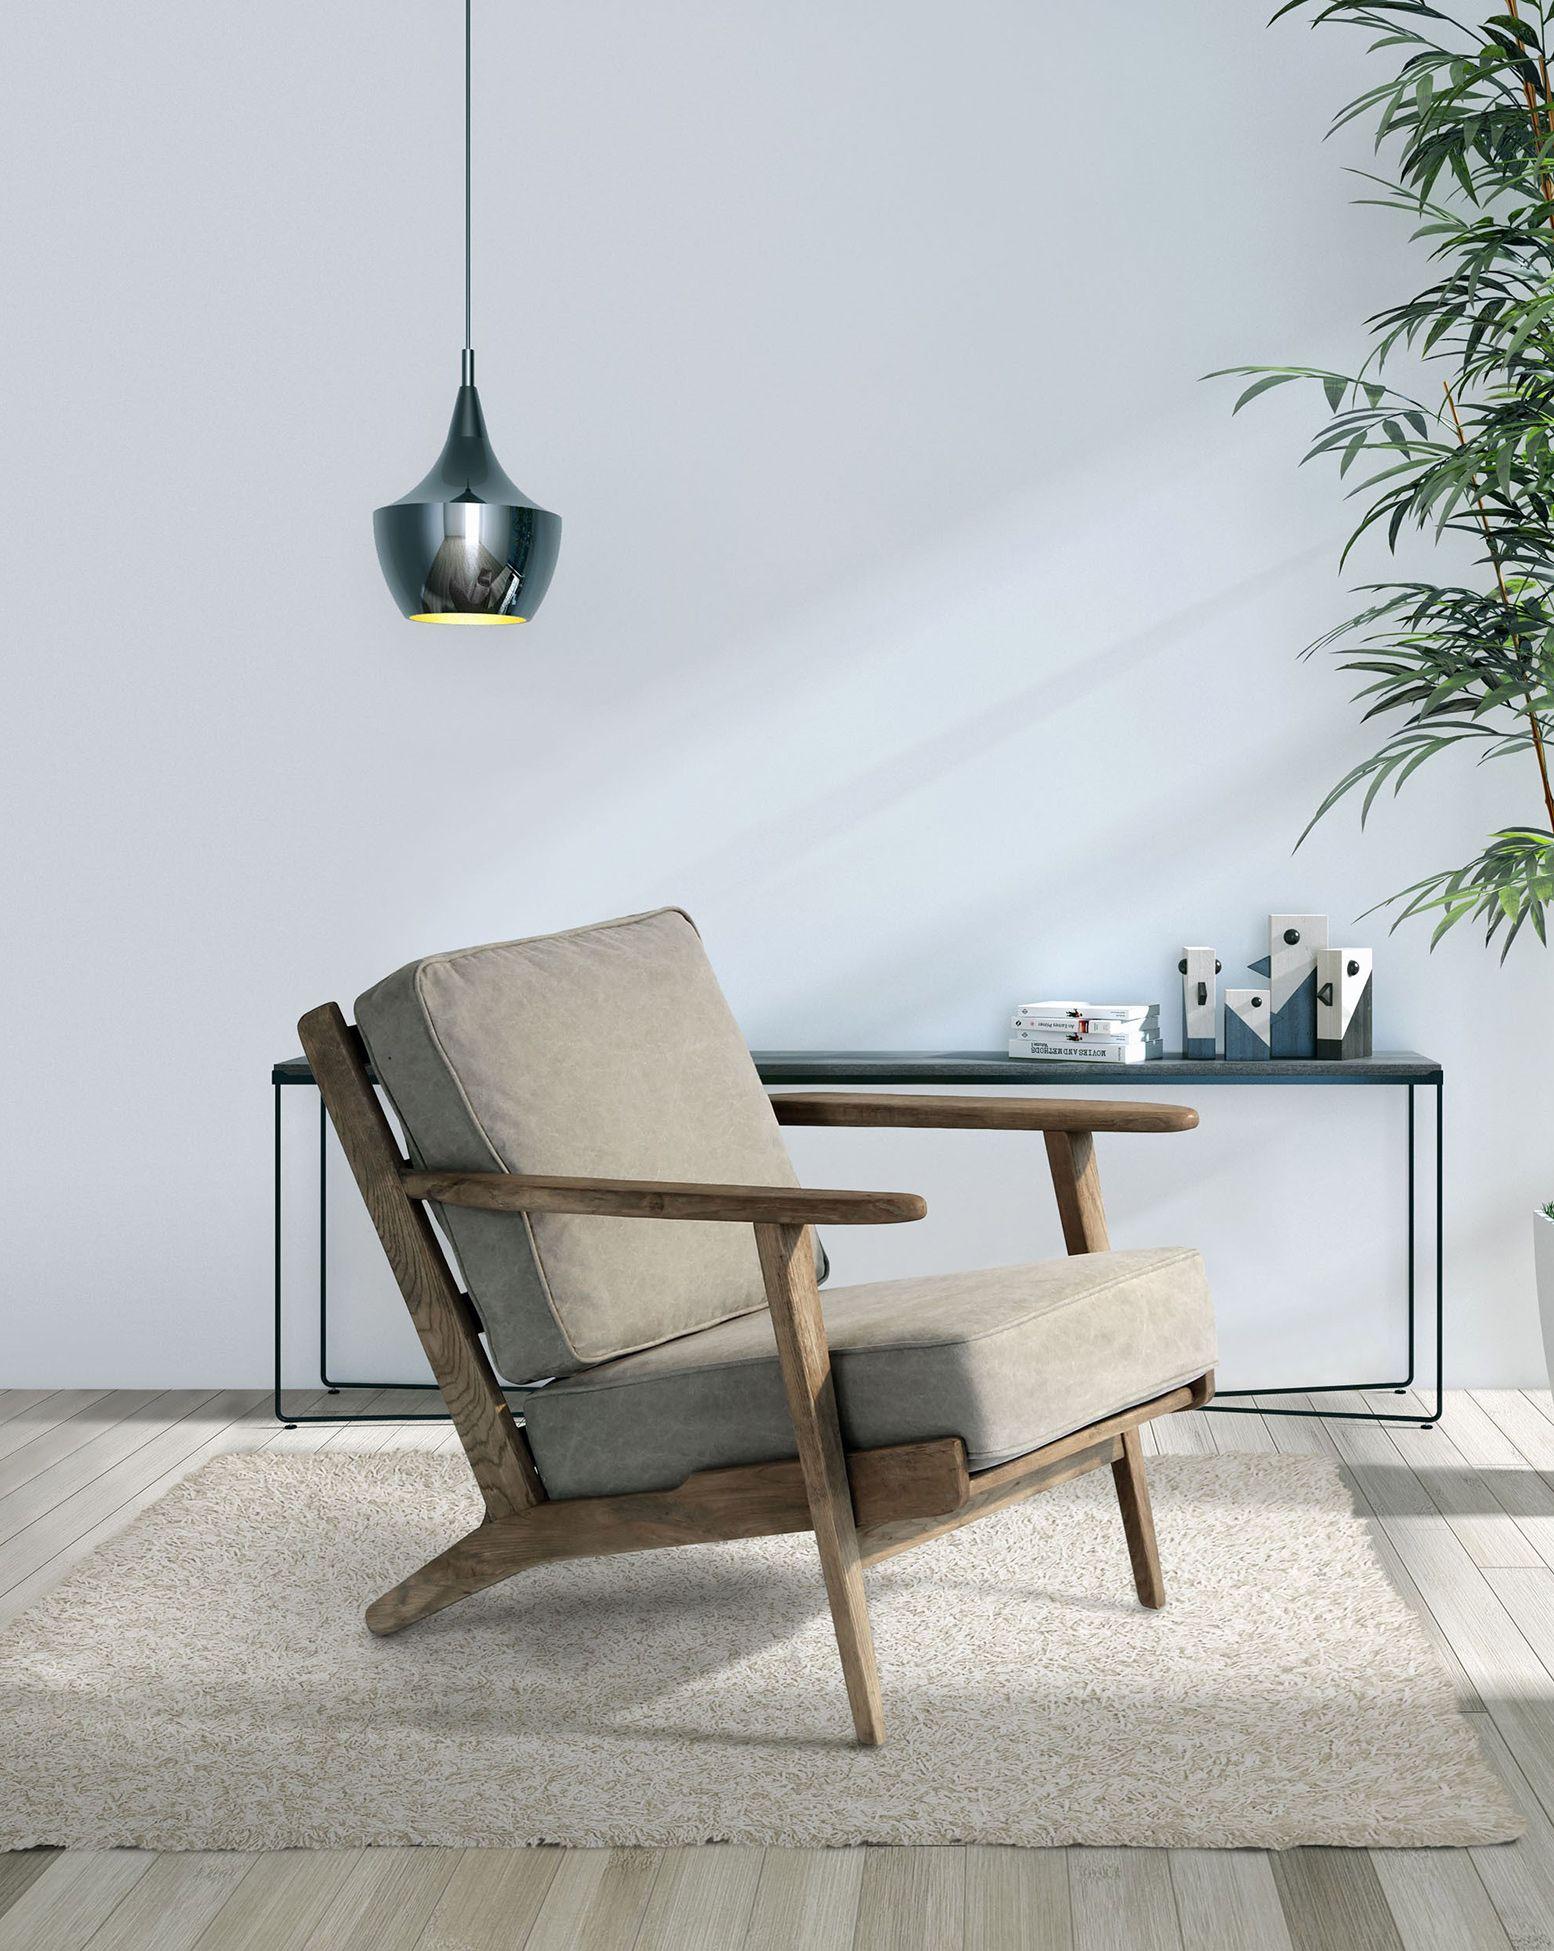 Der Retro Komfort Sessel aus Eiche  Sessel  Wohnzimmer sessel Sessel und Couch sessel